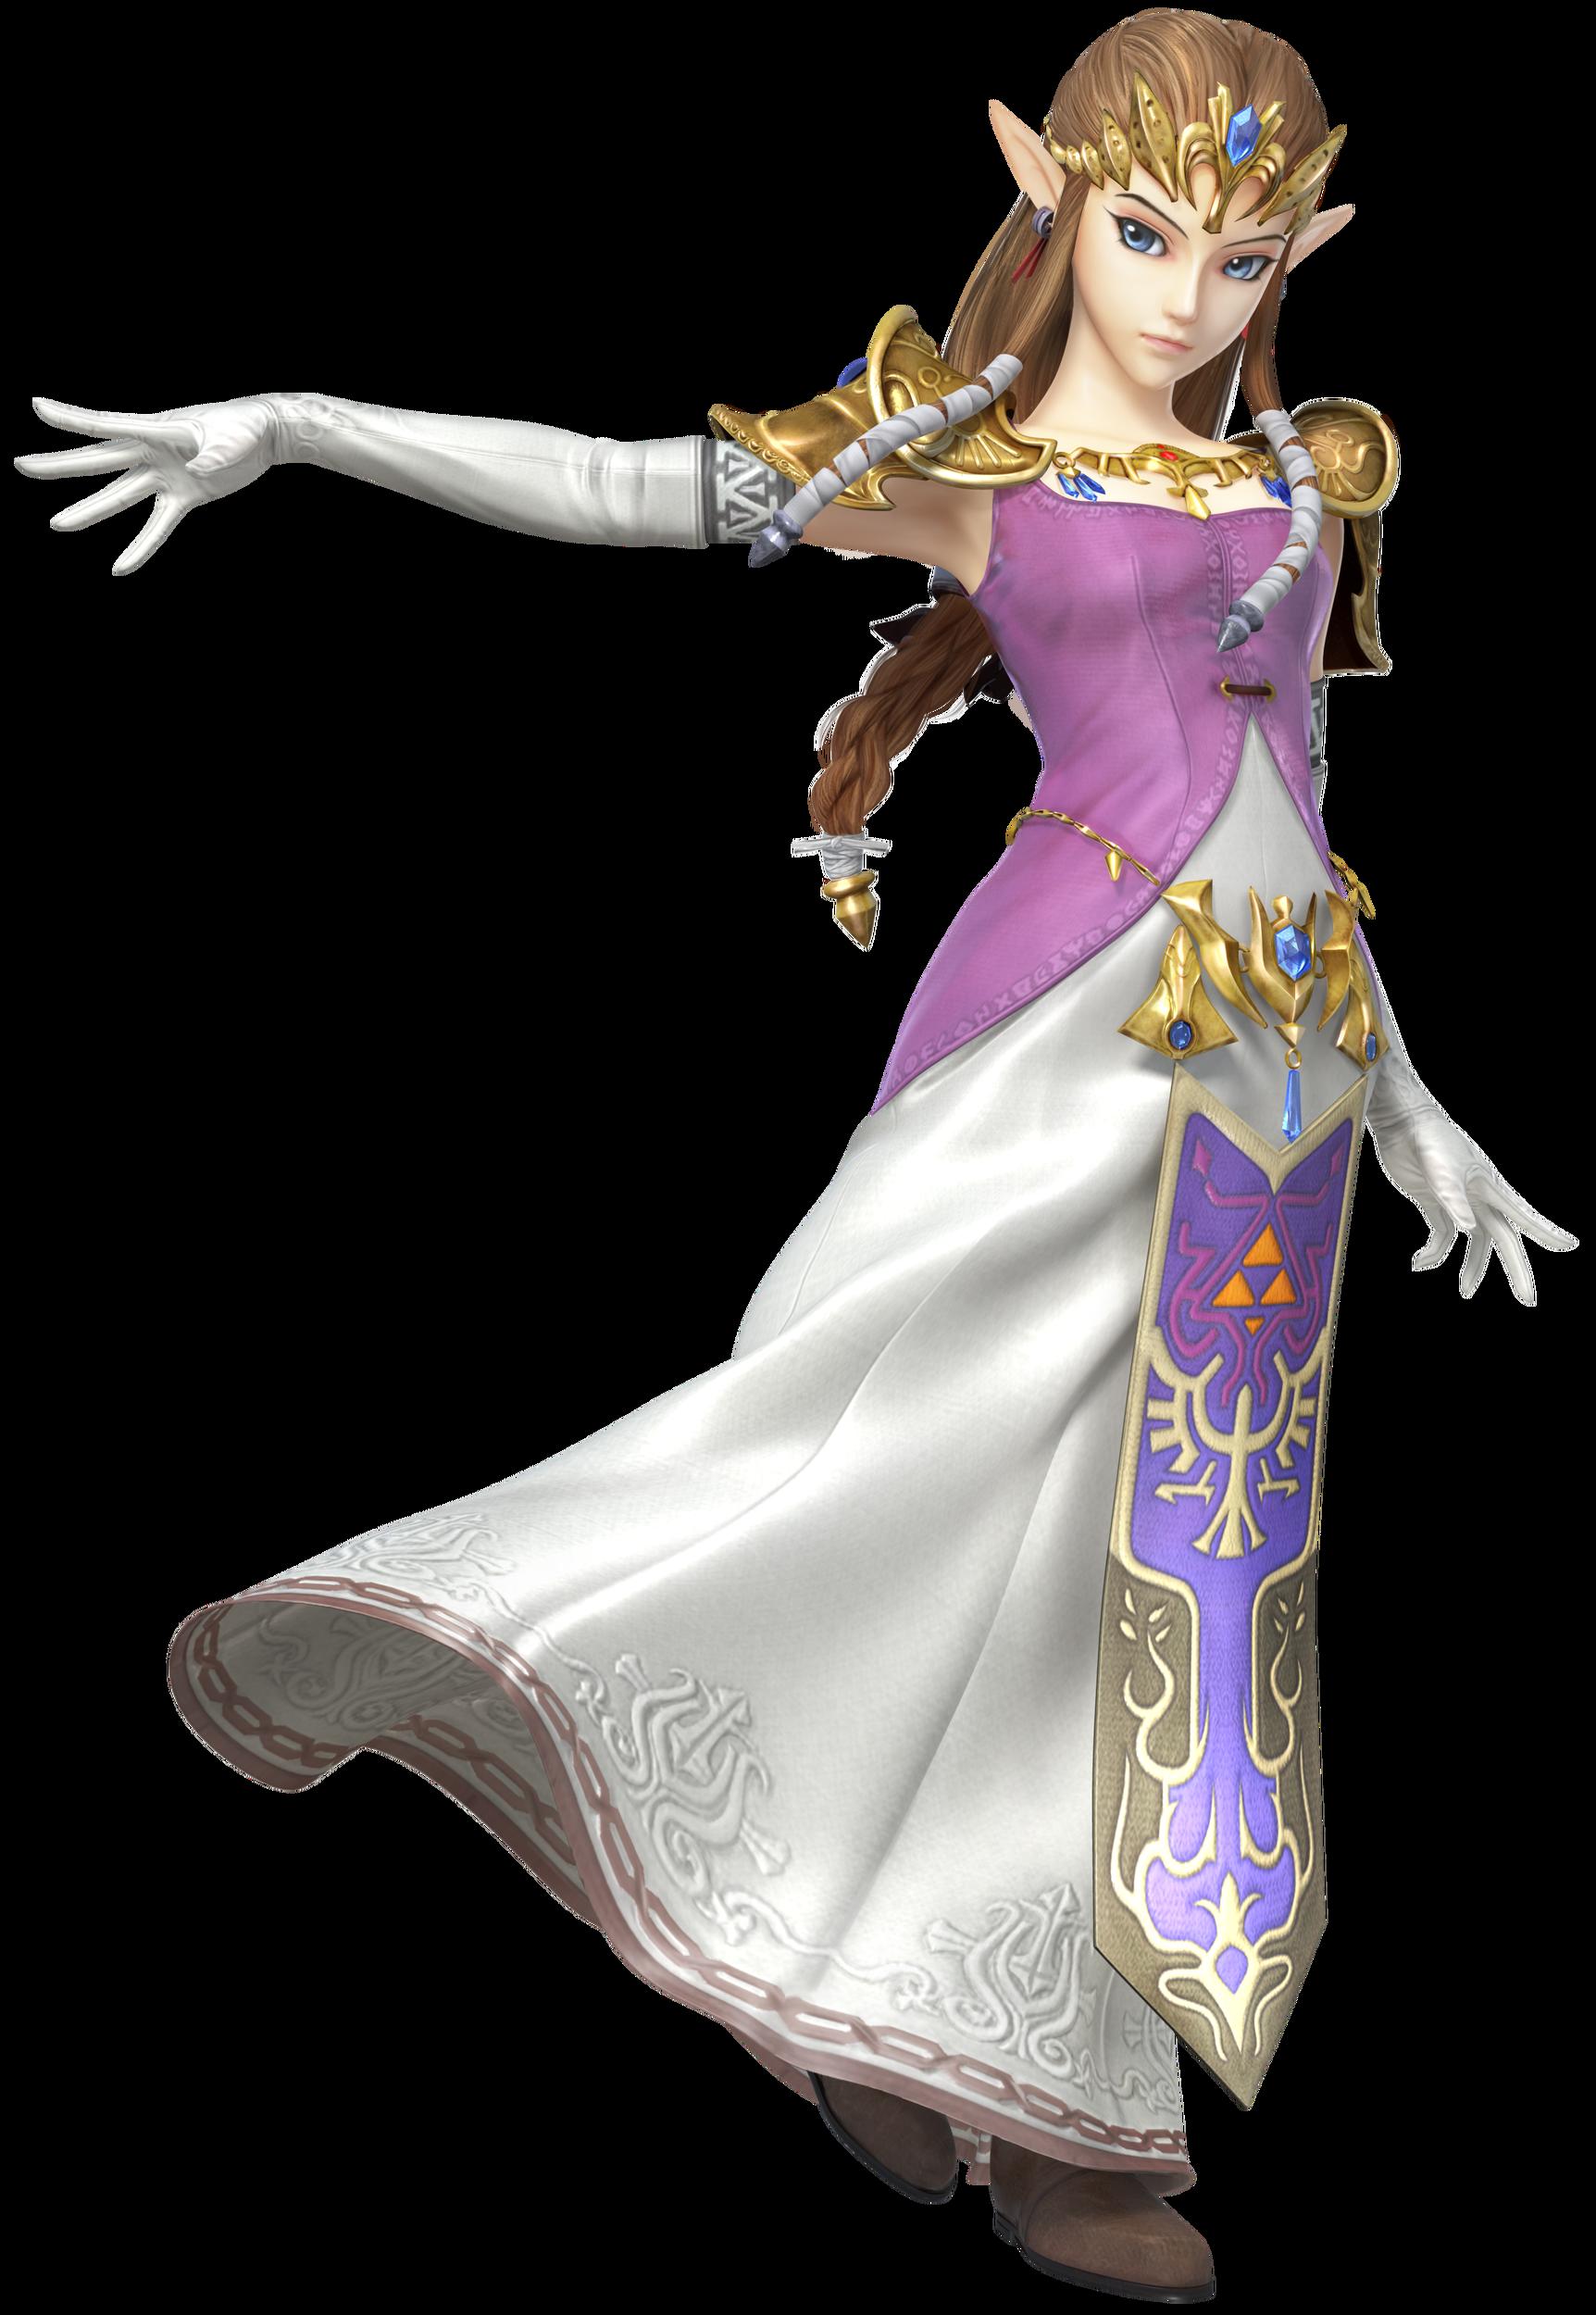 Princess Zelda/Super Smash Bros.